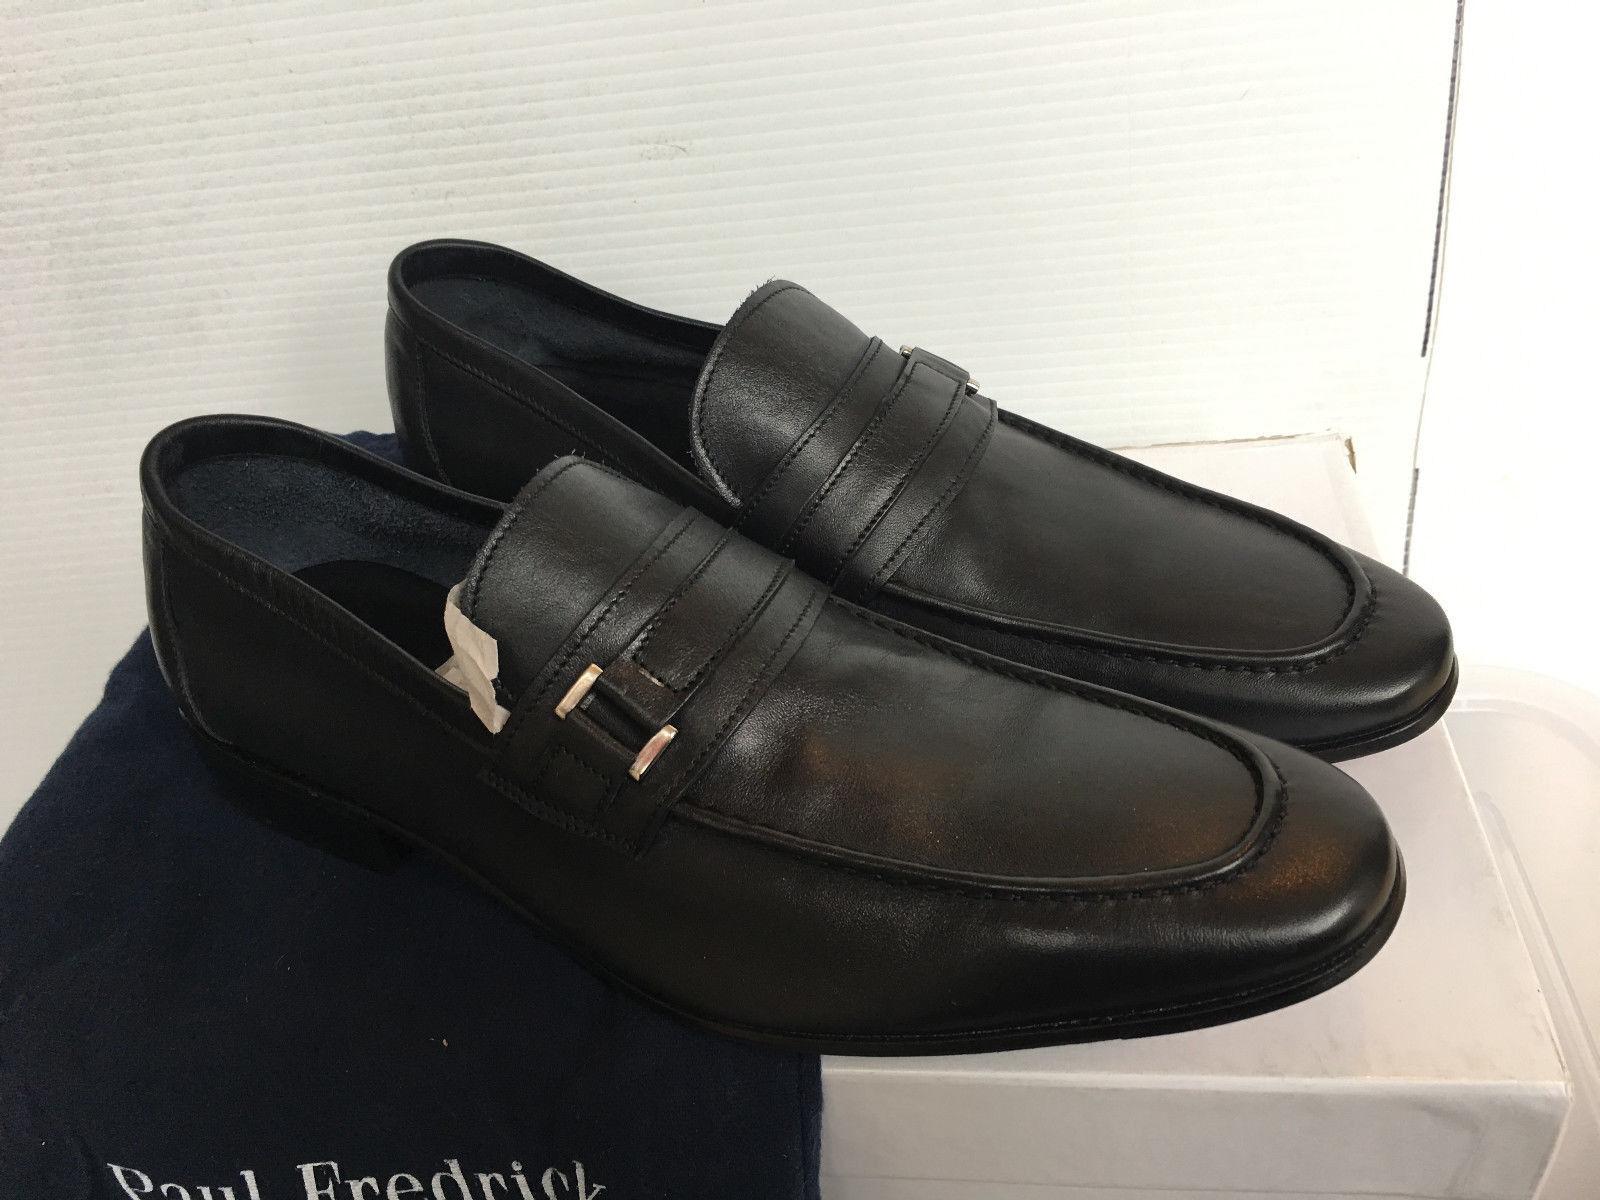 Paul Frederick FPE109D Leather Belted Loafer Vero Cuoio Size 9.5 Navy Scarpe classiche da uomo